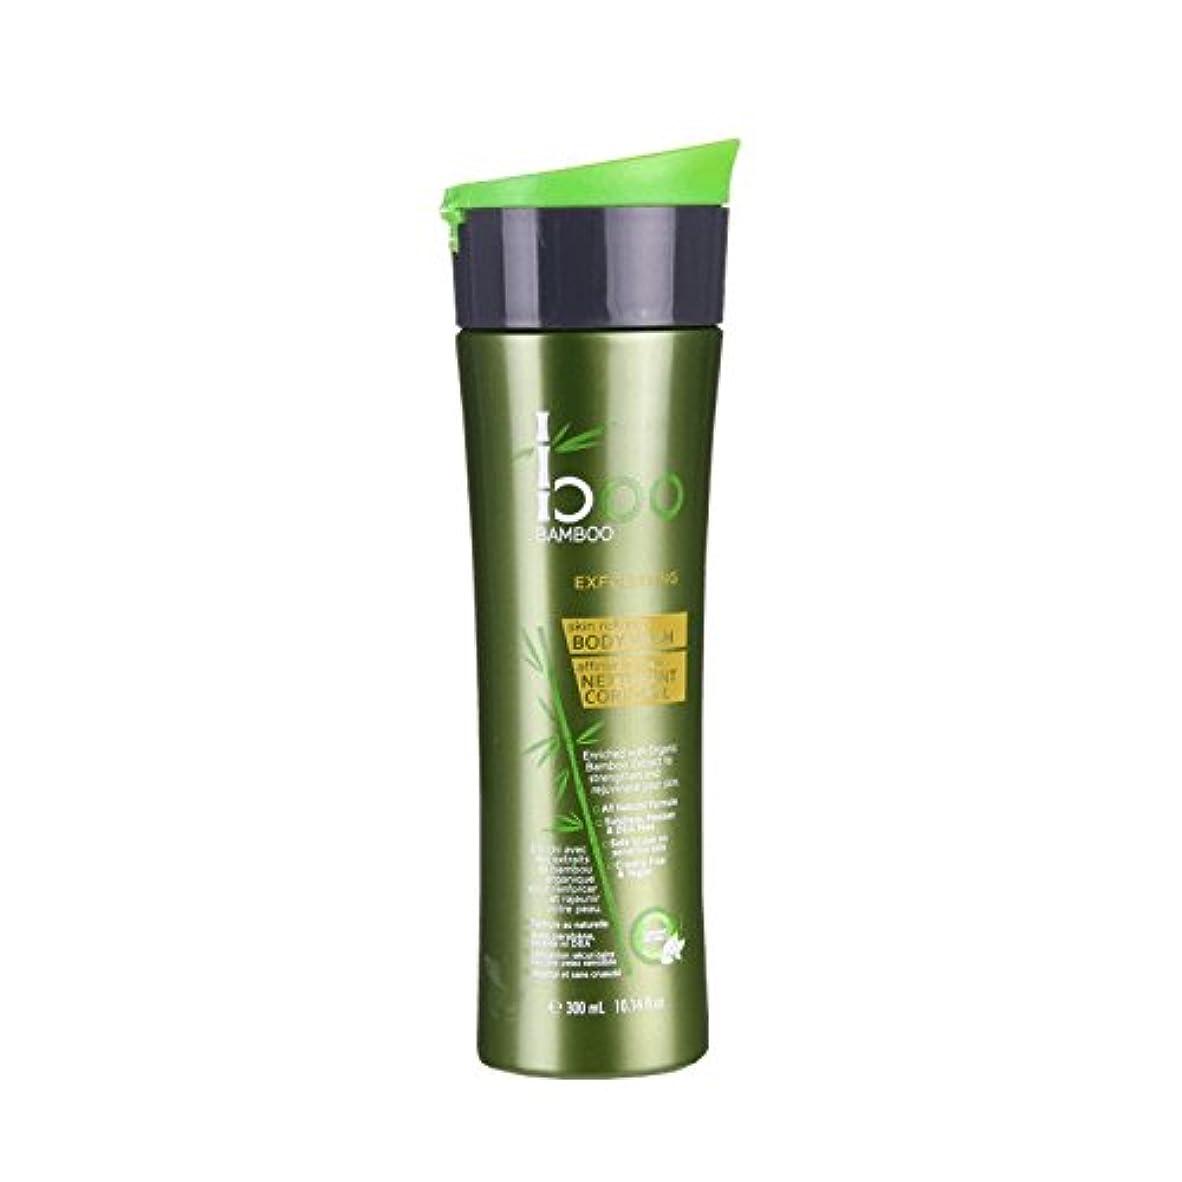 十一フレームワークタイピストBoo Bamboo Exfoliating Body Wash 300ml (Pack of 2) - 竹ピーリングボディウォッシュ300ミリリットルブーイング (x2) [並行輸入品]